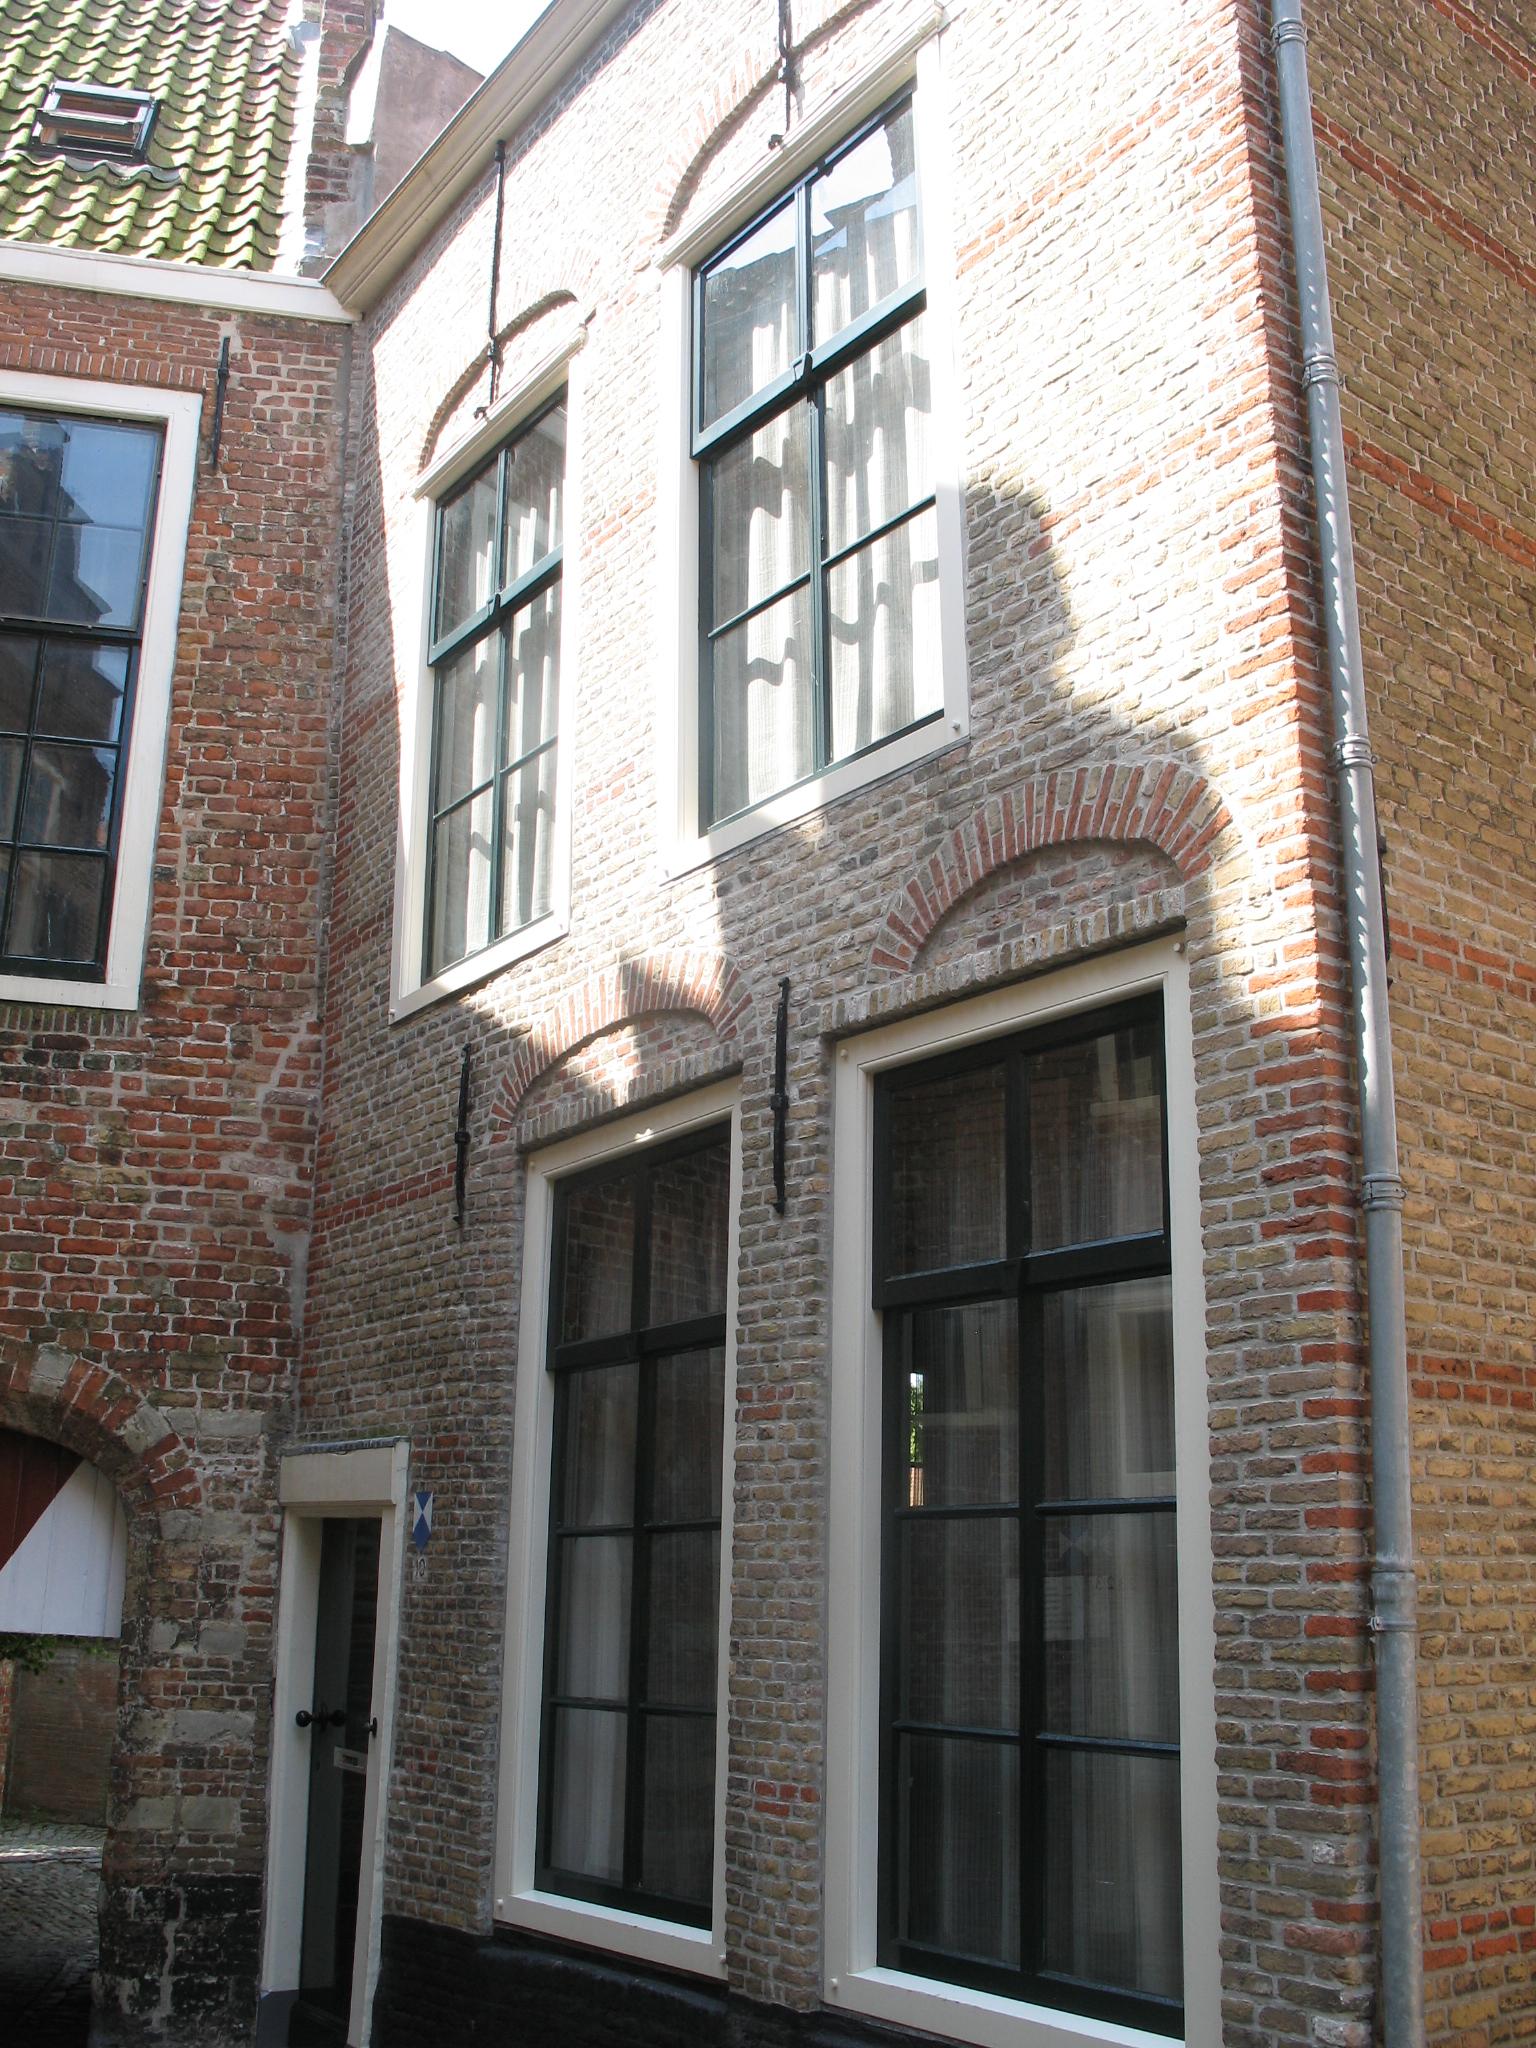 Huis met rechte gevel in middelburg monument - Huis gevel ...